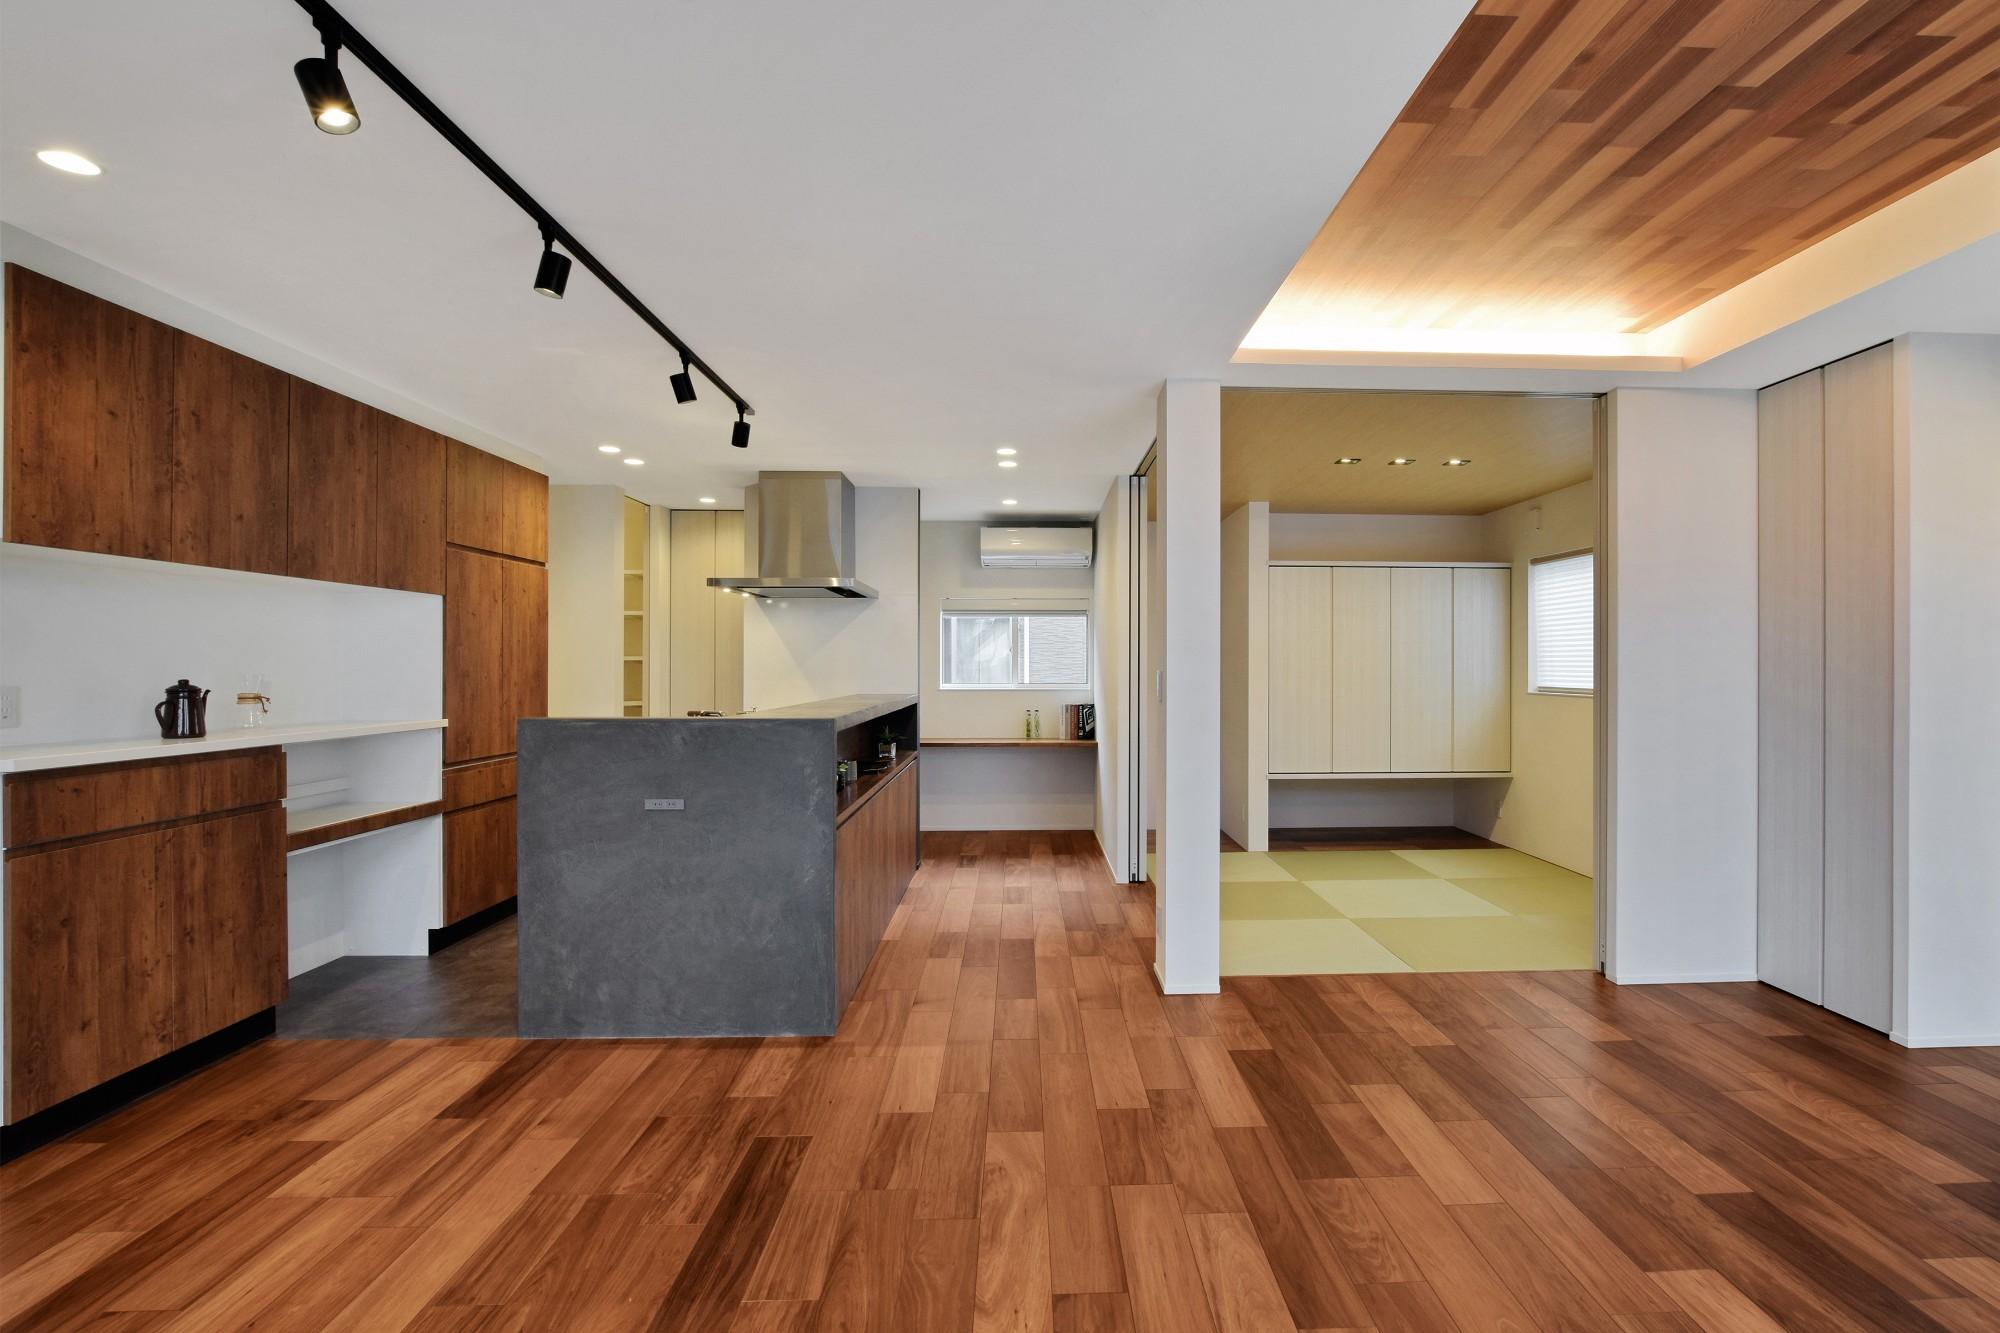 DETAIL HOME(ディテールホーム)「モールテックスキッチンとインテリアにこだわった住まい」のシンプル・ナチュラルなリビング・ダイニングの実例写真